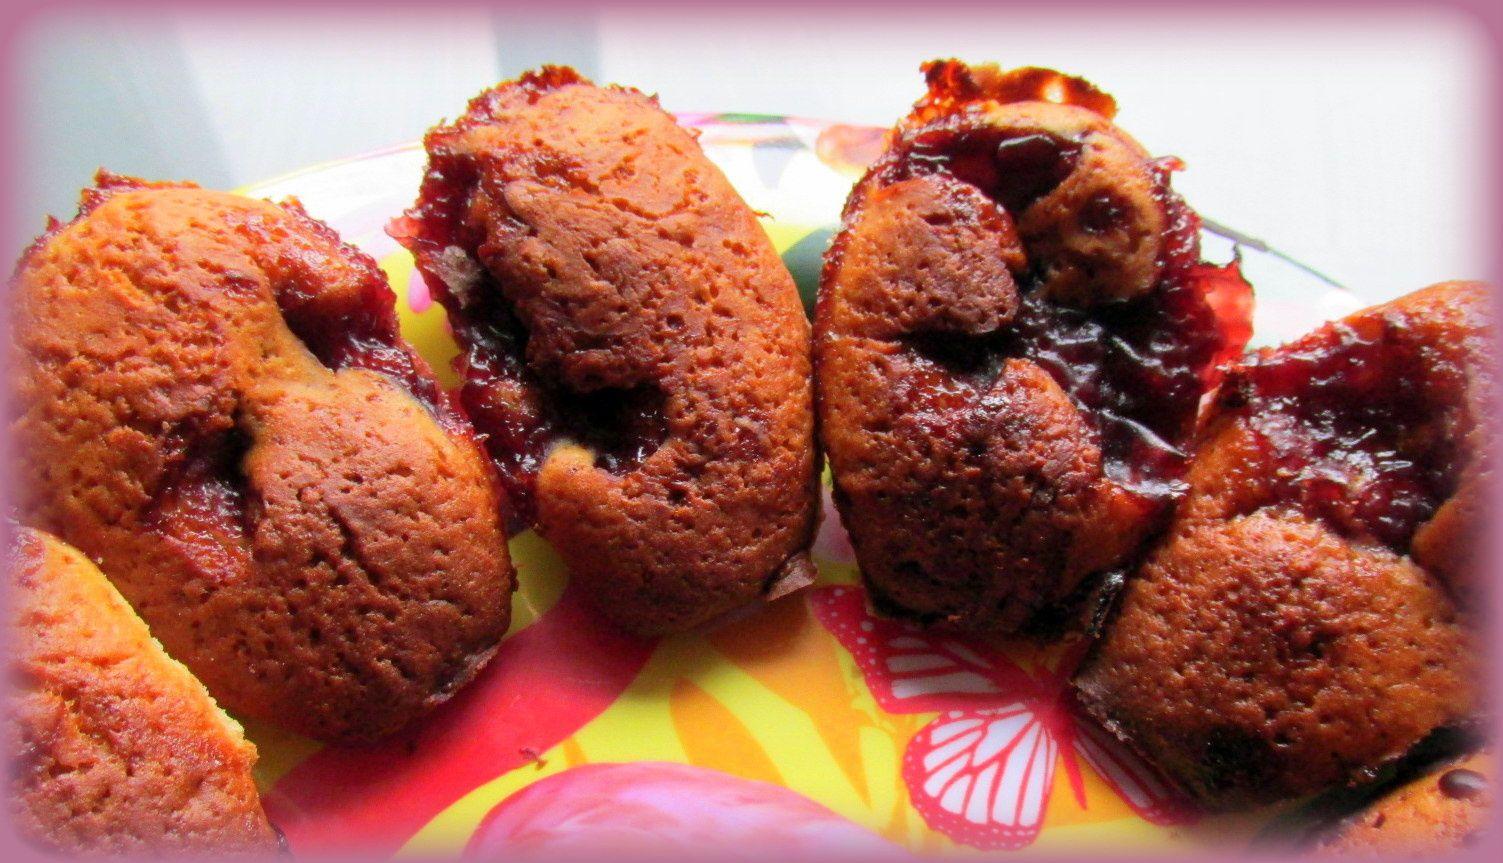 1. Madeleines framboisées 2. Madeleines aromatisées à la framboise et glacées au chocolat noir 3. Madeleines fourrées à la framboise